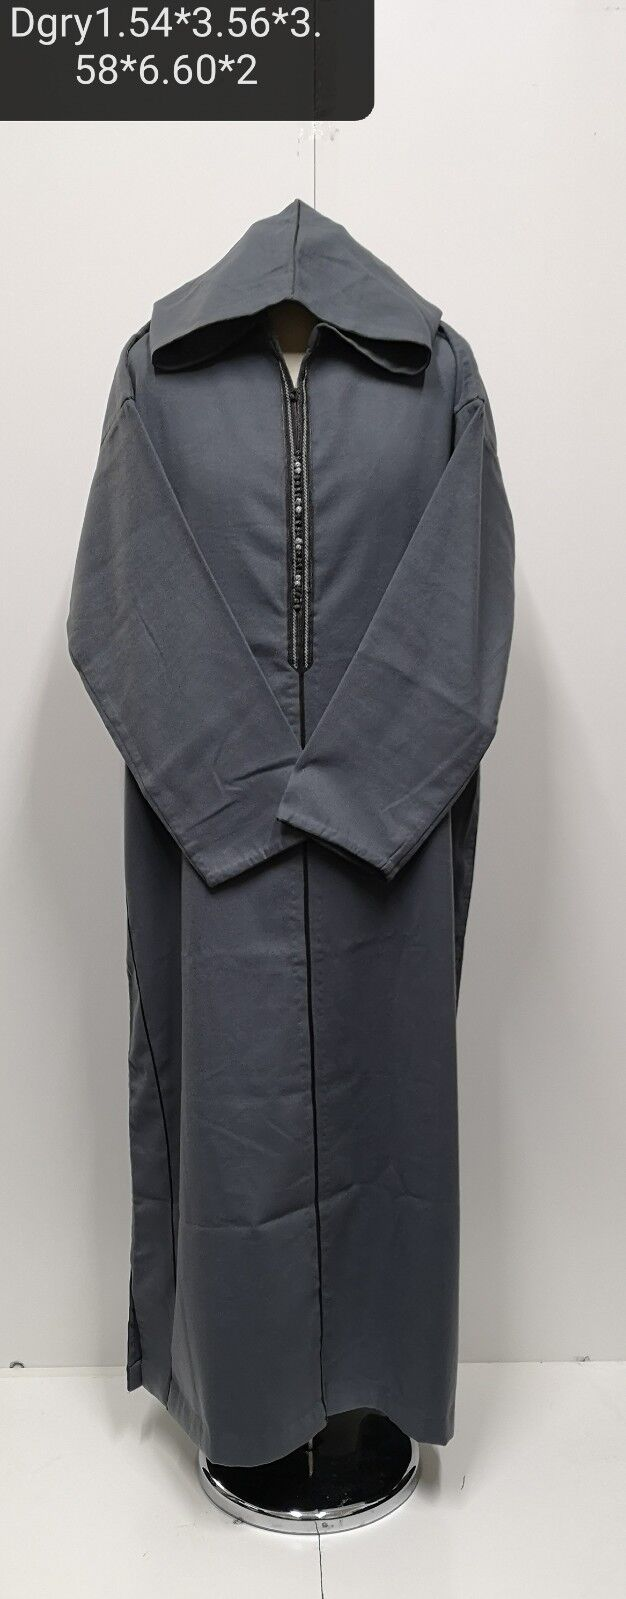 Size 60 Men Mgoldccan  winter wool hooded thobe Djelleba jubba-New Arrival